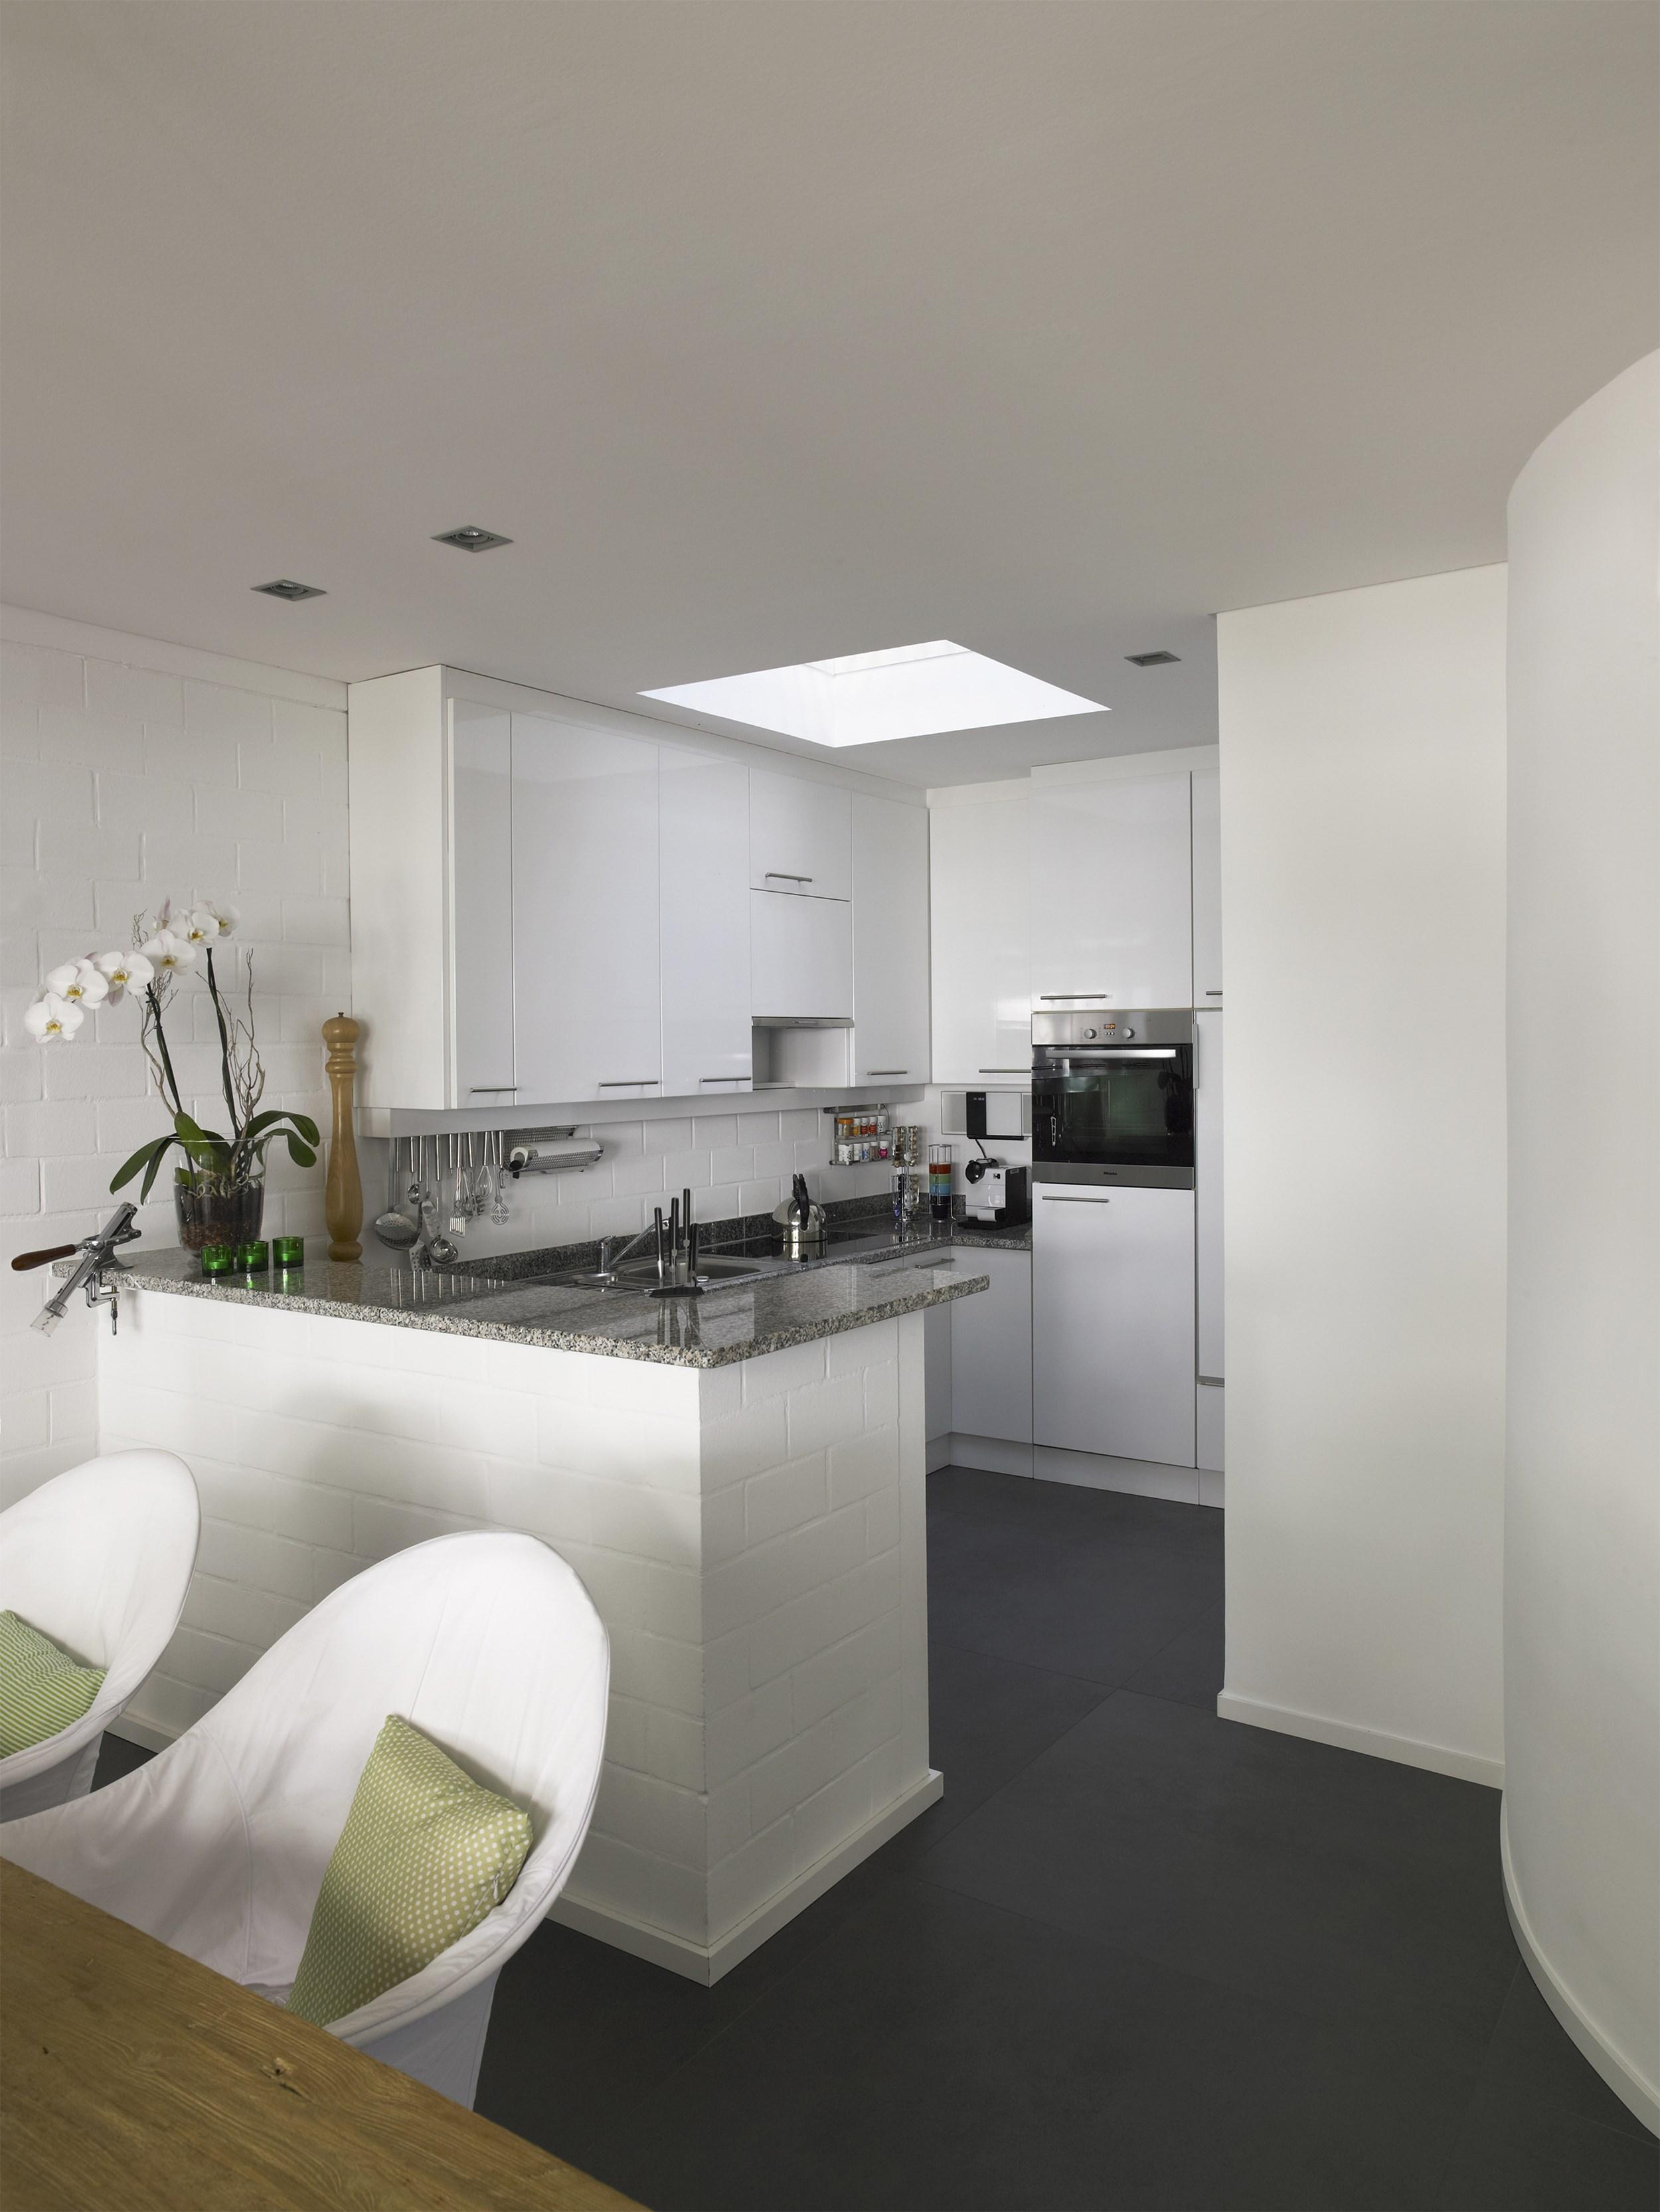 Kundenbeispiele Küchenrenovierung – PORTAS Schweiz Renovierung